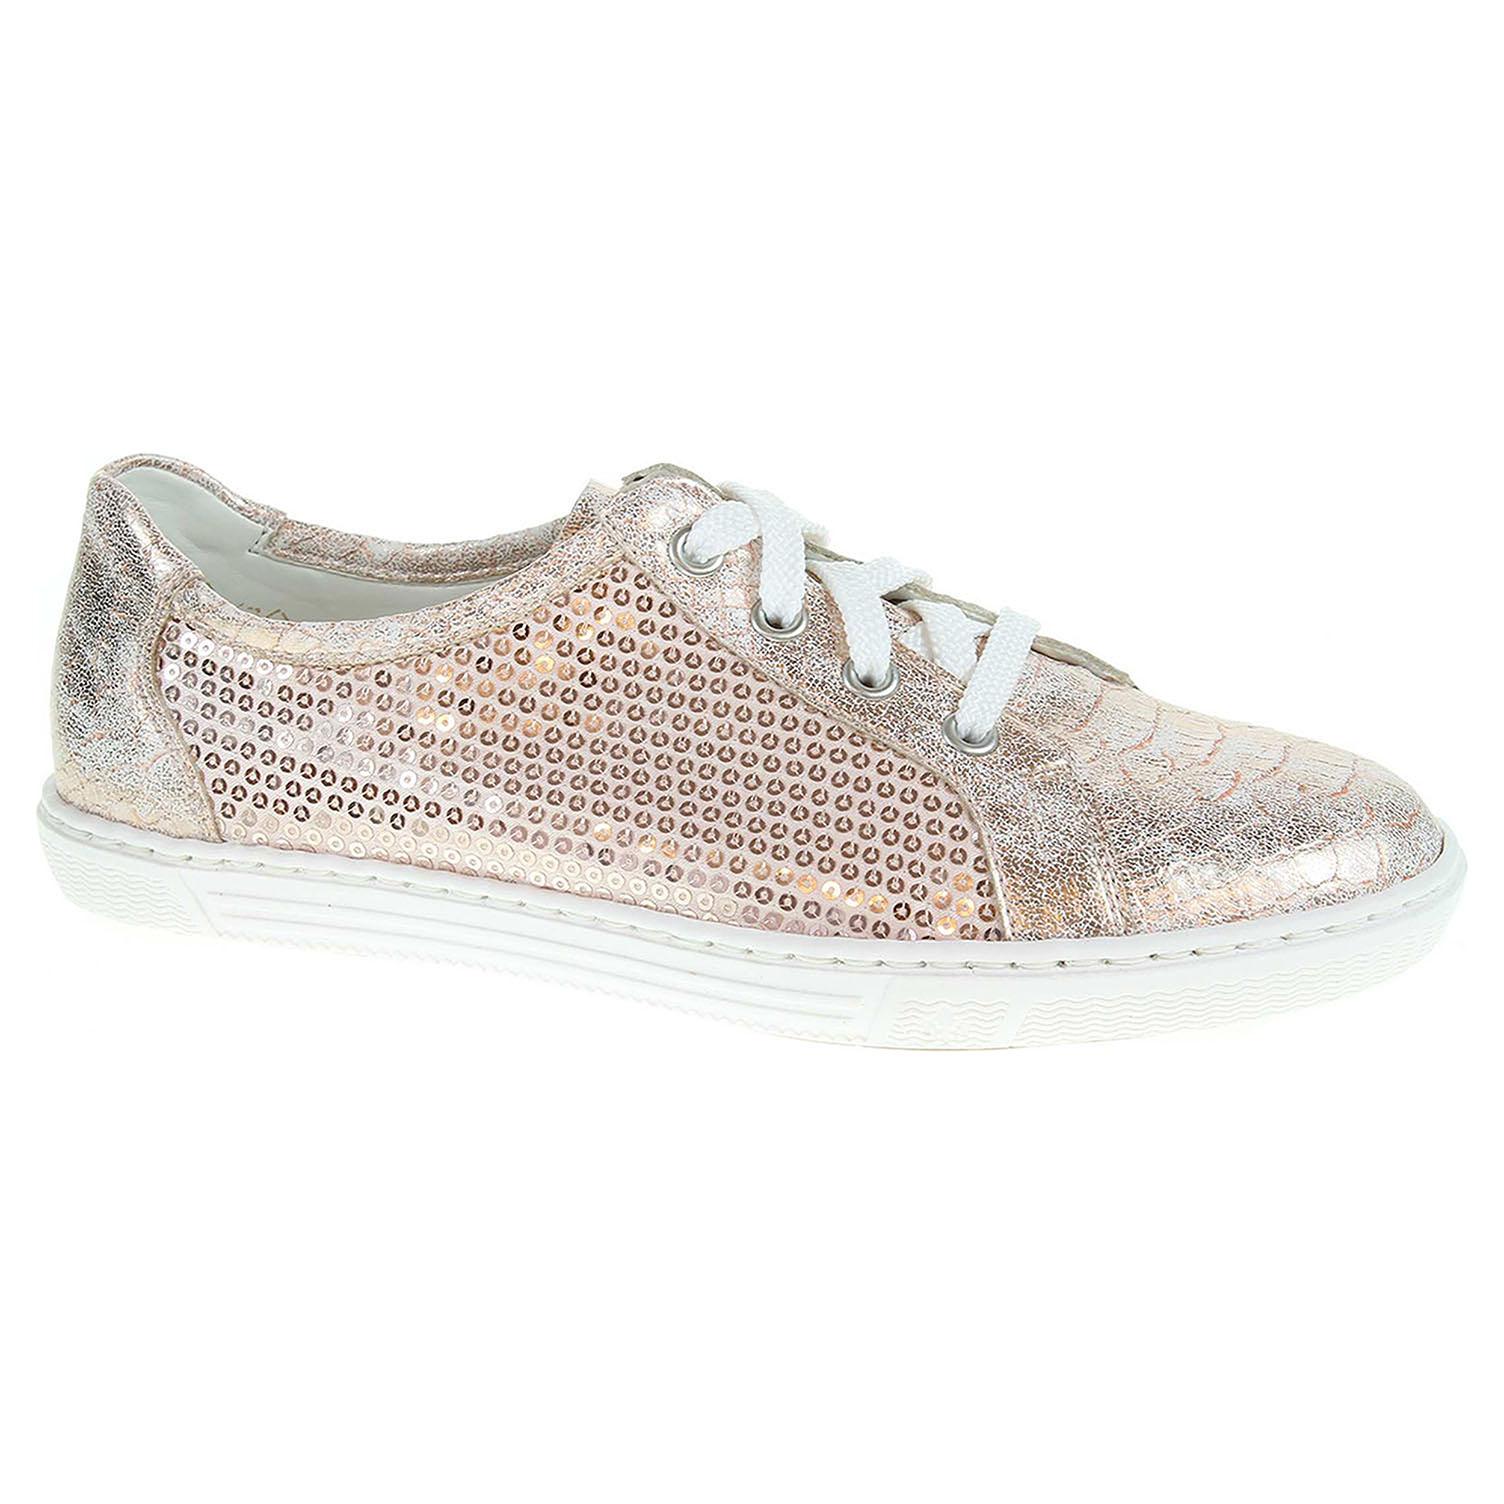 Ecco Dámská obuv Rieker L0900-31 růžová 23200590